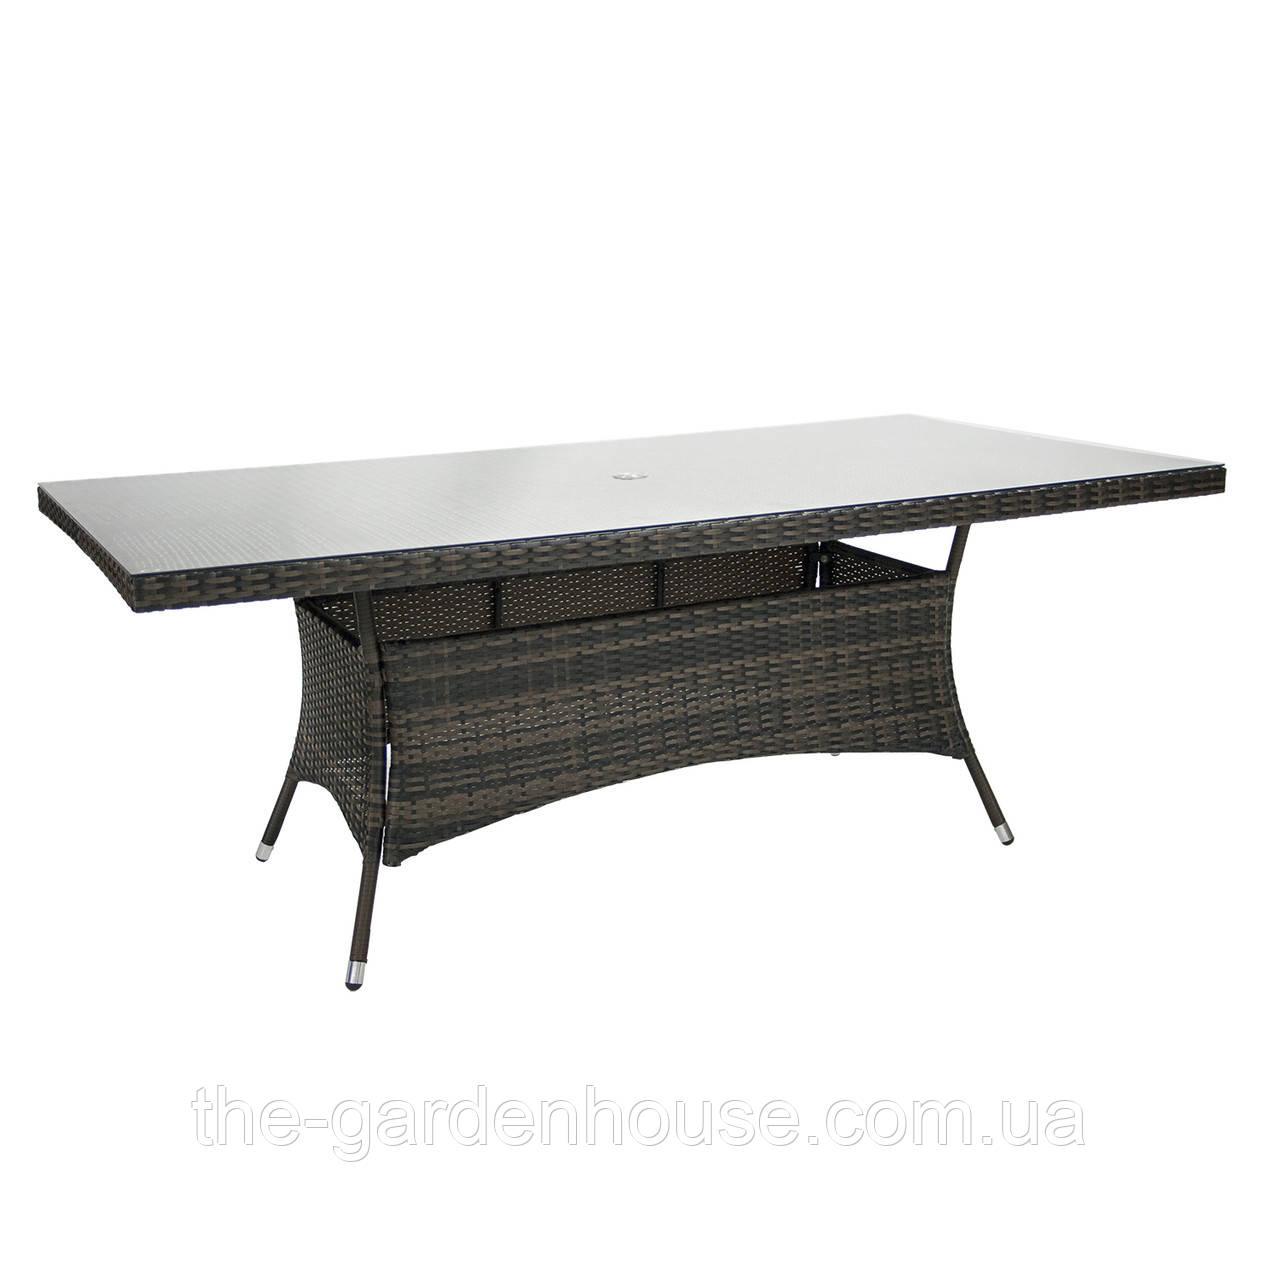 Обідній стіл Wicker з штучного ротанга зі склом 200x100 см темно-коричневий